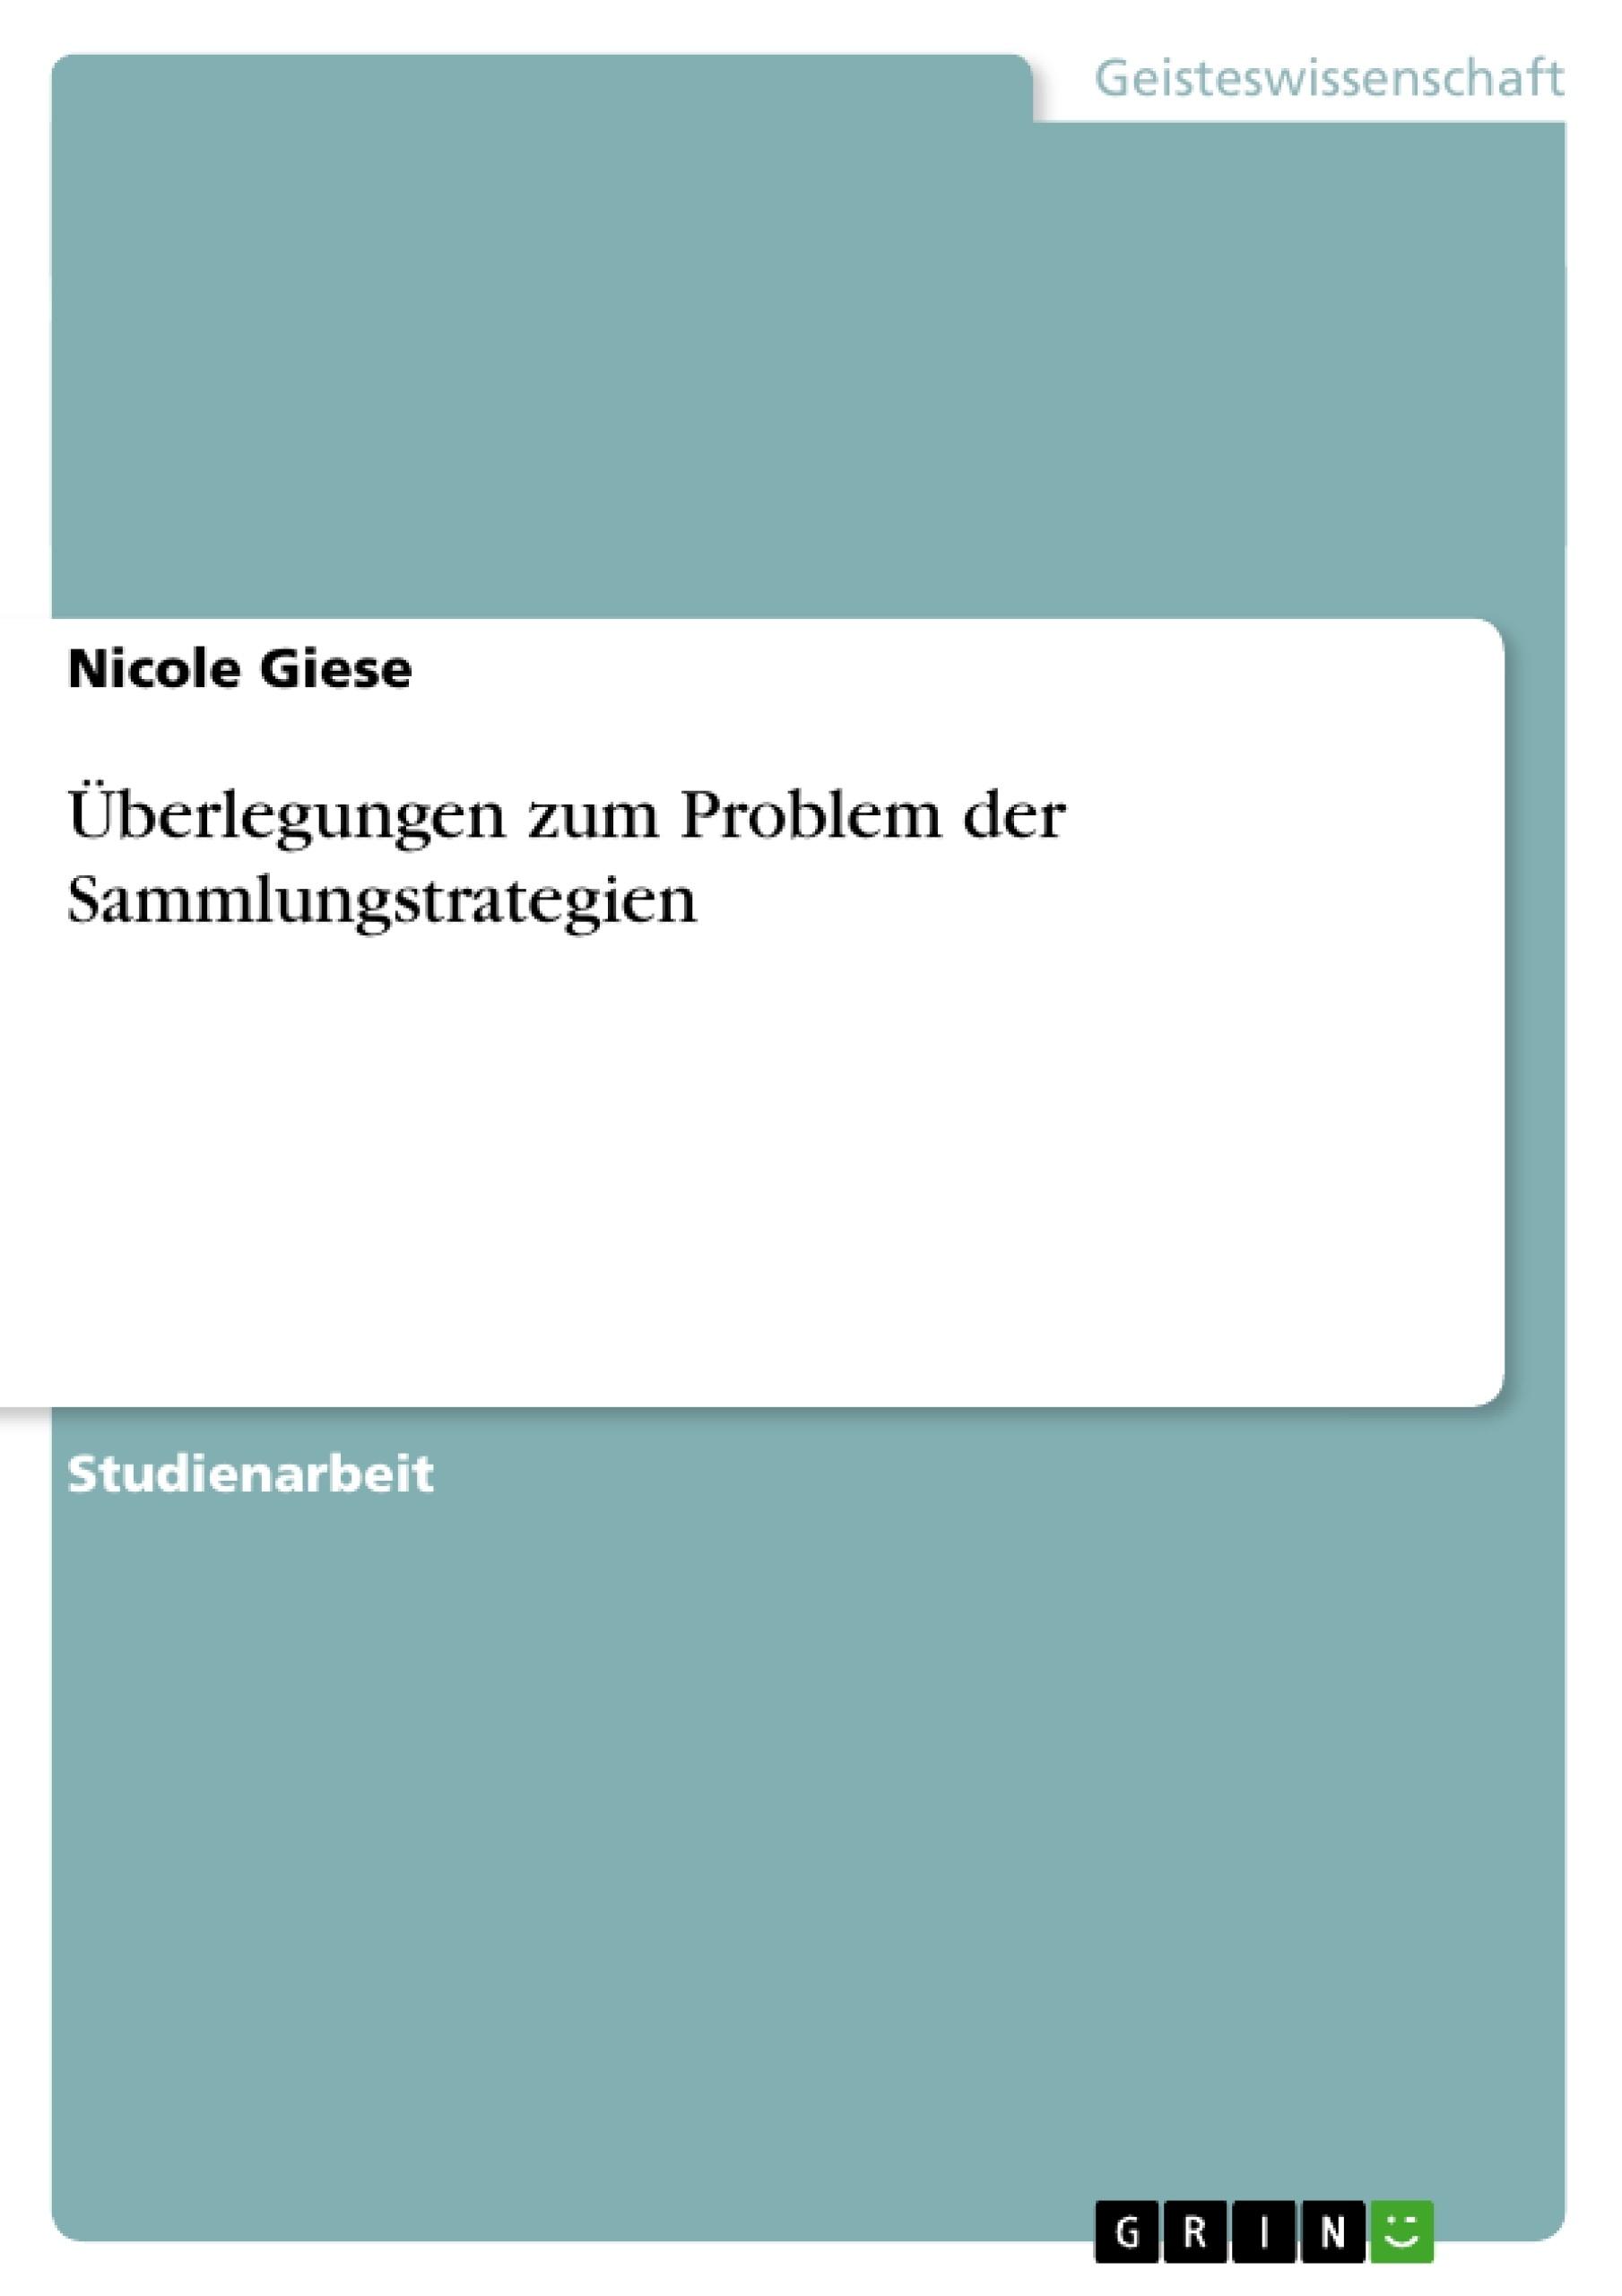 Titel: Überlegungen zum Problem der Sammlungstrategien